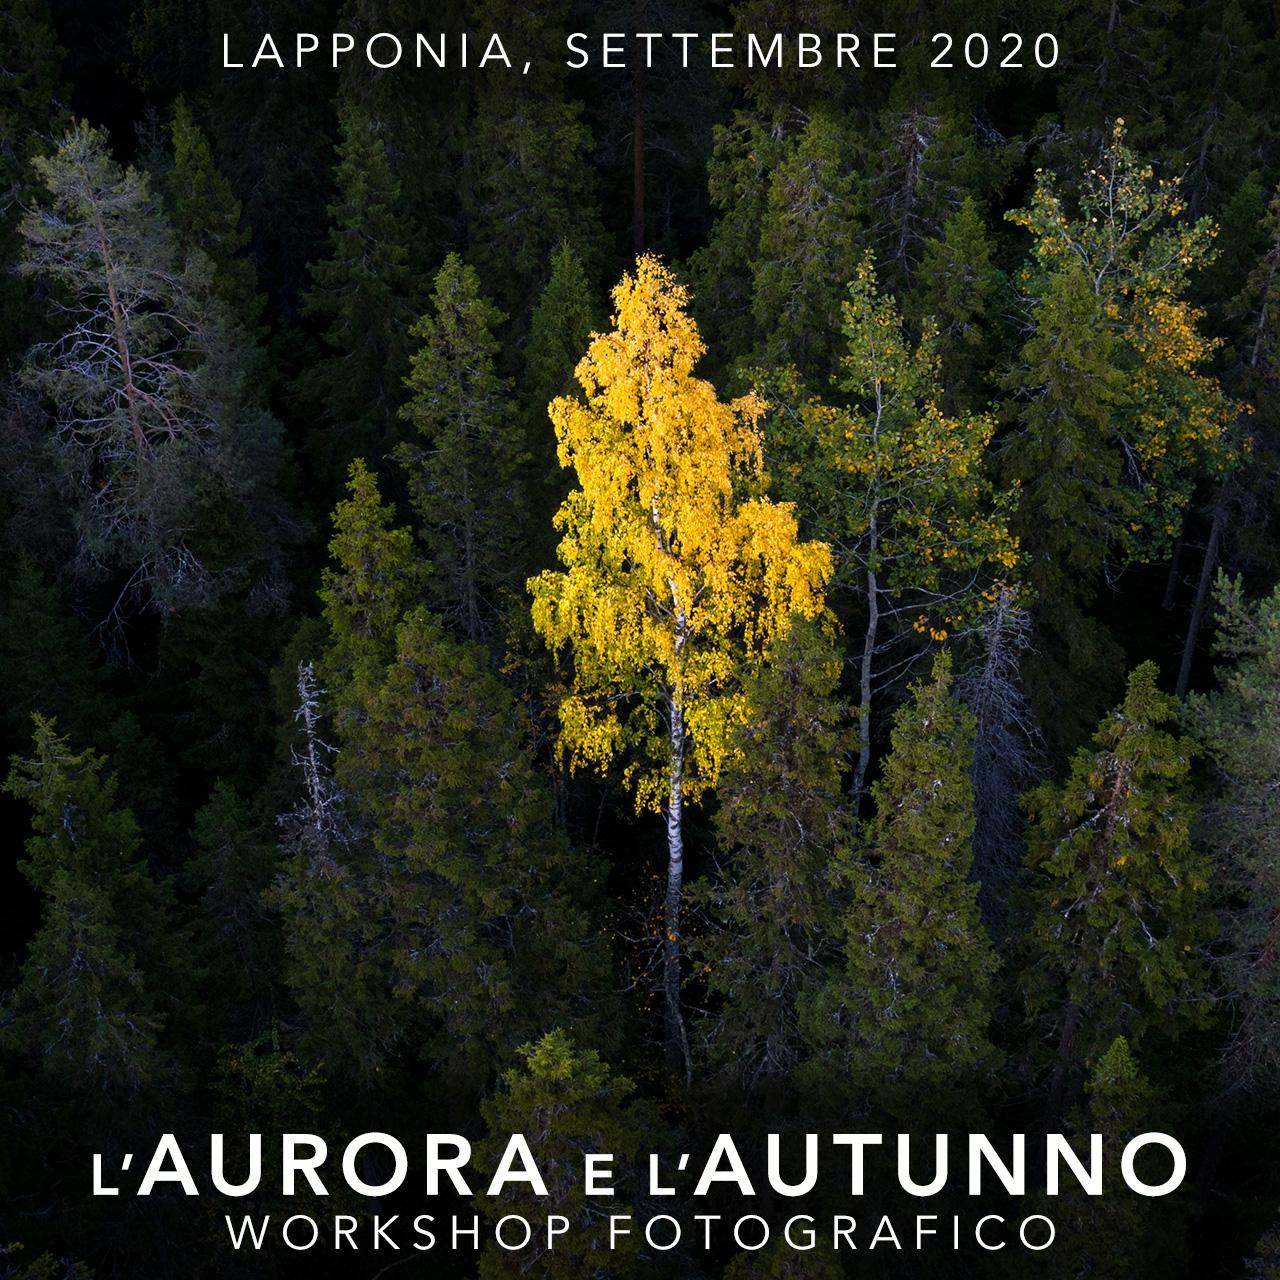 Viaggi di Gruppo  2020_09_15_Workshop_aurora_05A 11-16 Settembre 2020, L'Autunno e L'Aurora